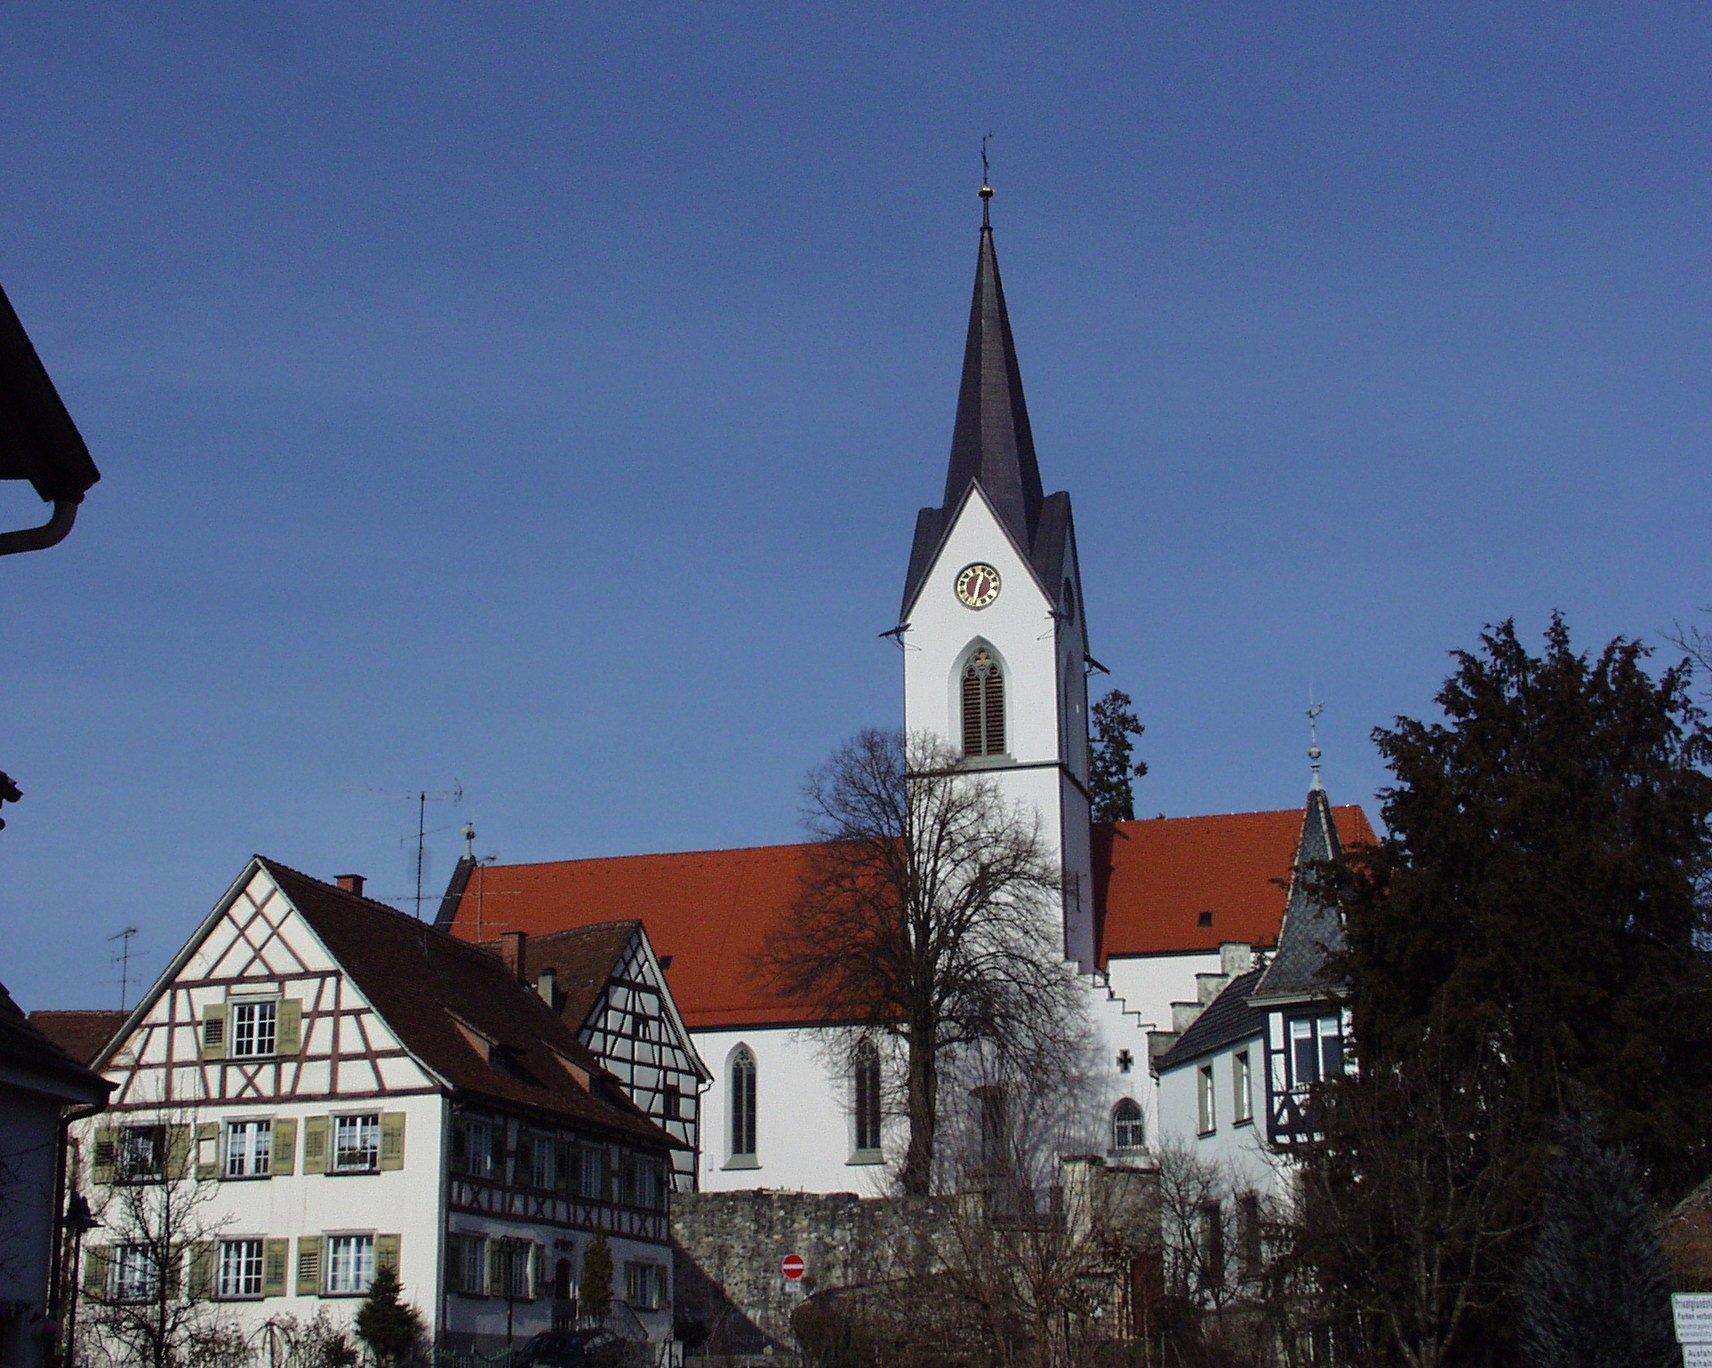 Remigiuskirche Steißlingen